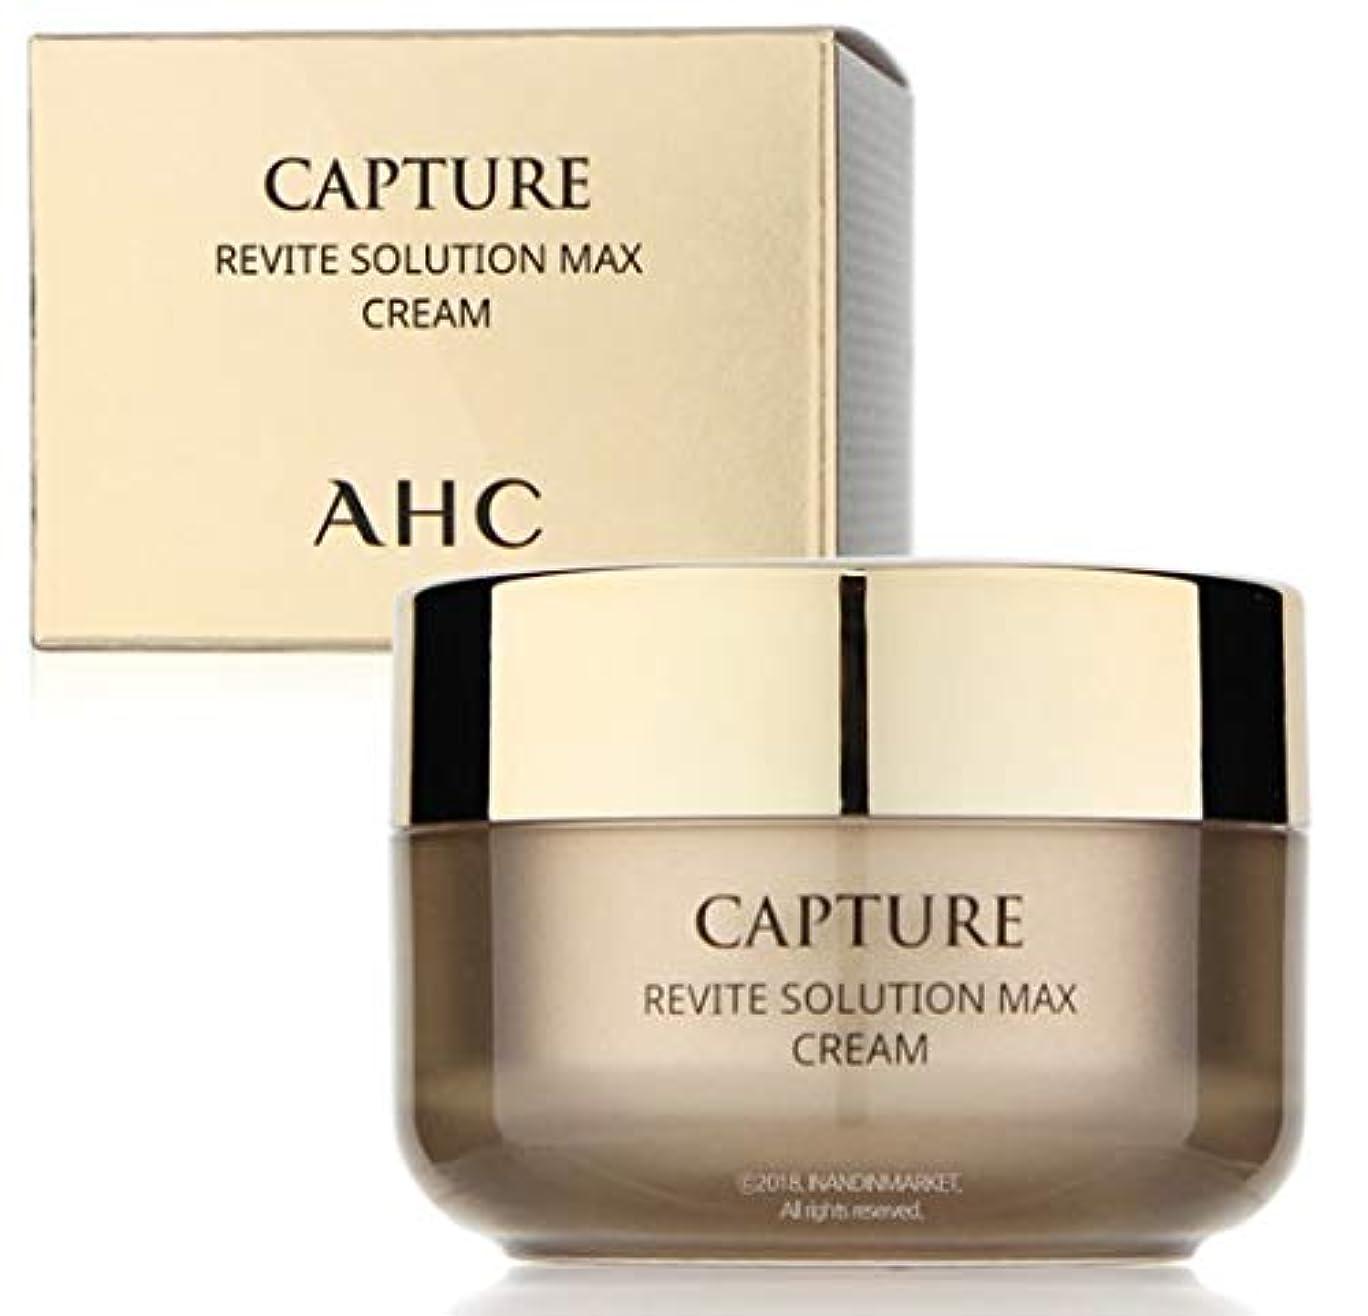 スナップ皮肉最初はAHC Capture Revite Solution Max Cream/キャプチャー リバイト ソリューション マックス クリーム 50ml [並行輸入品]